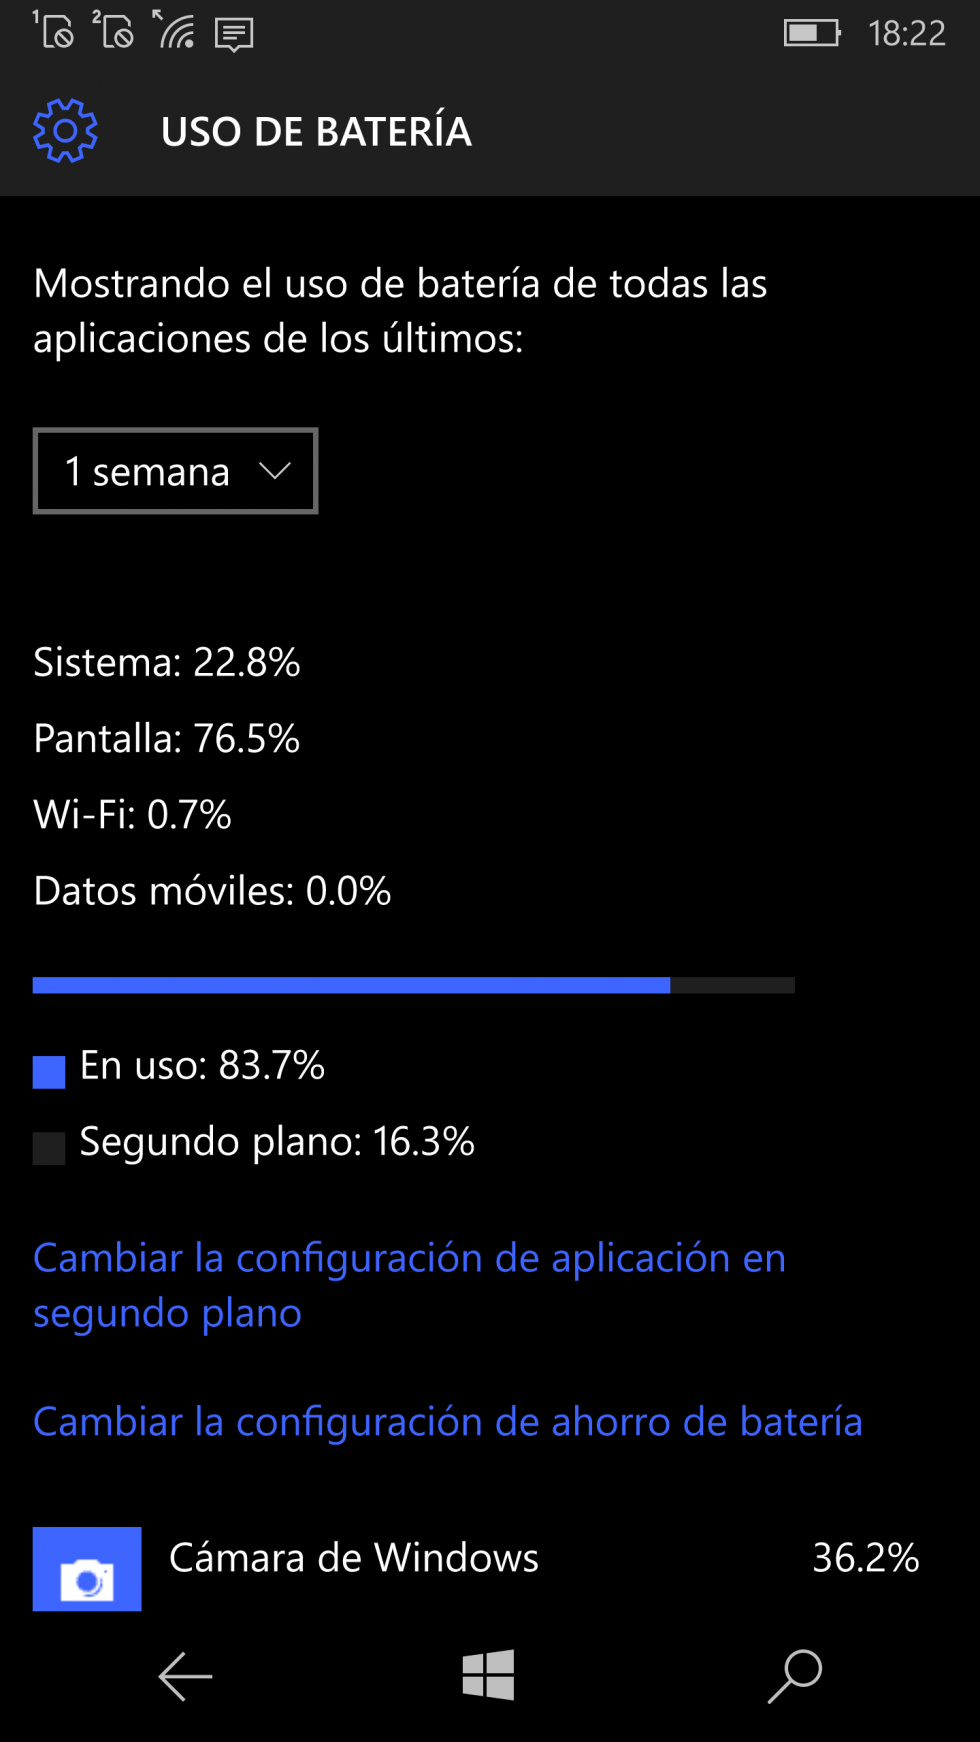 Windows 10 Mobile con Lumia 950